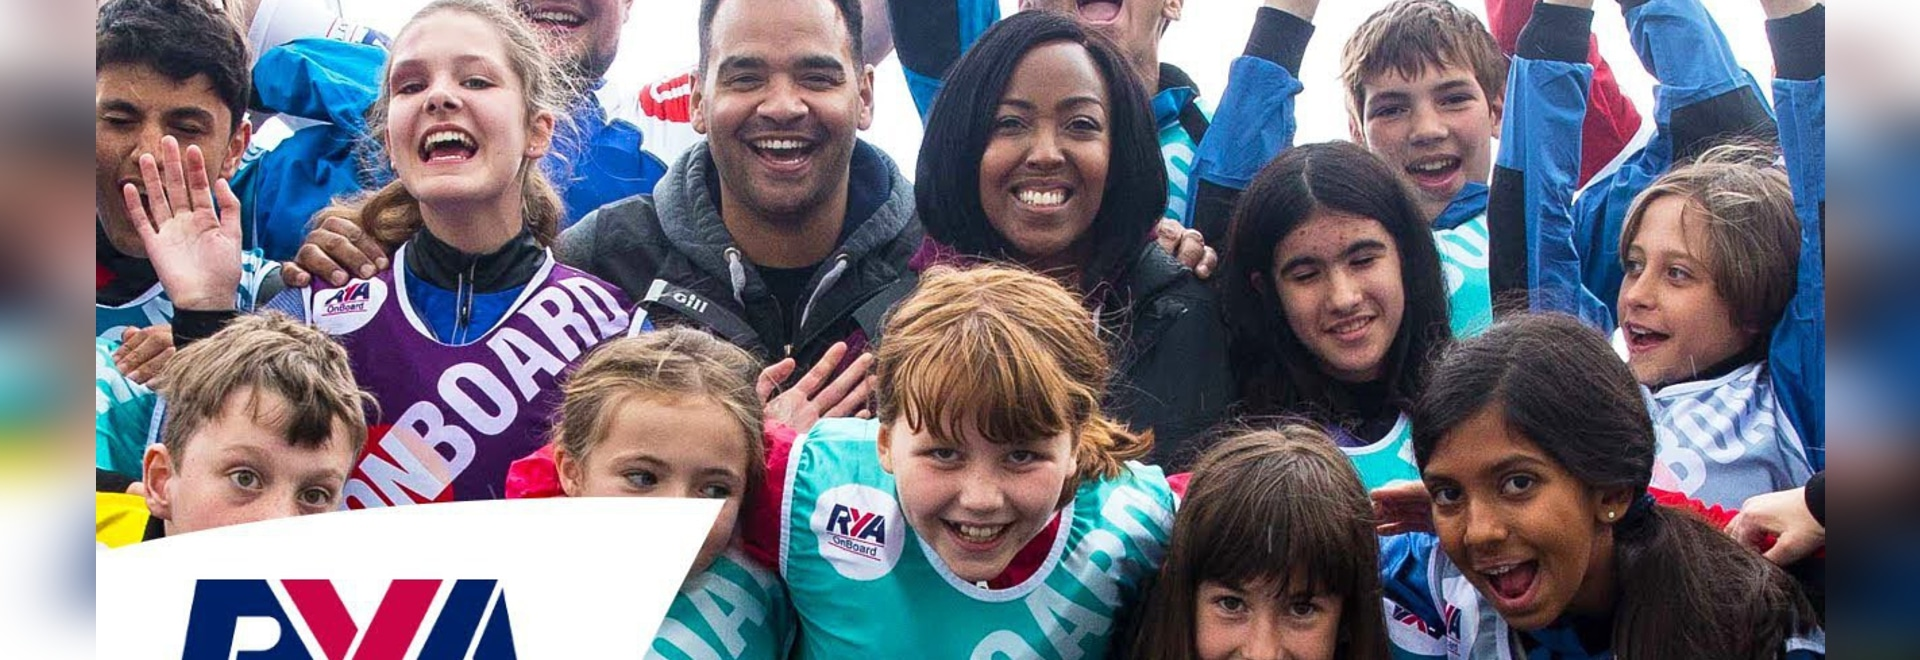 Prochainement - Sports nautiques pour les jeunes au Portsmouth OnBoard Festival